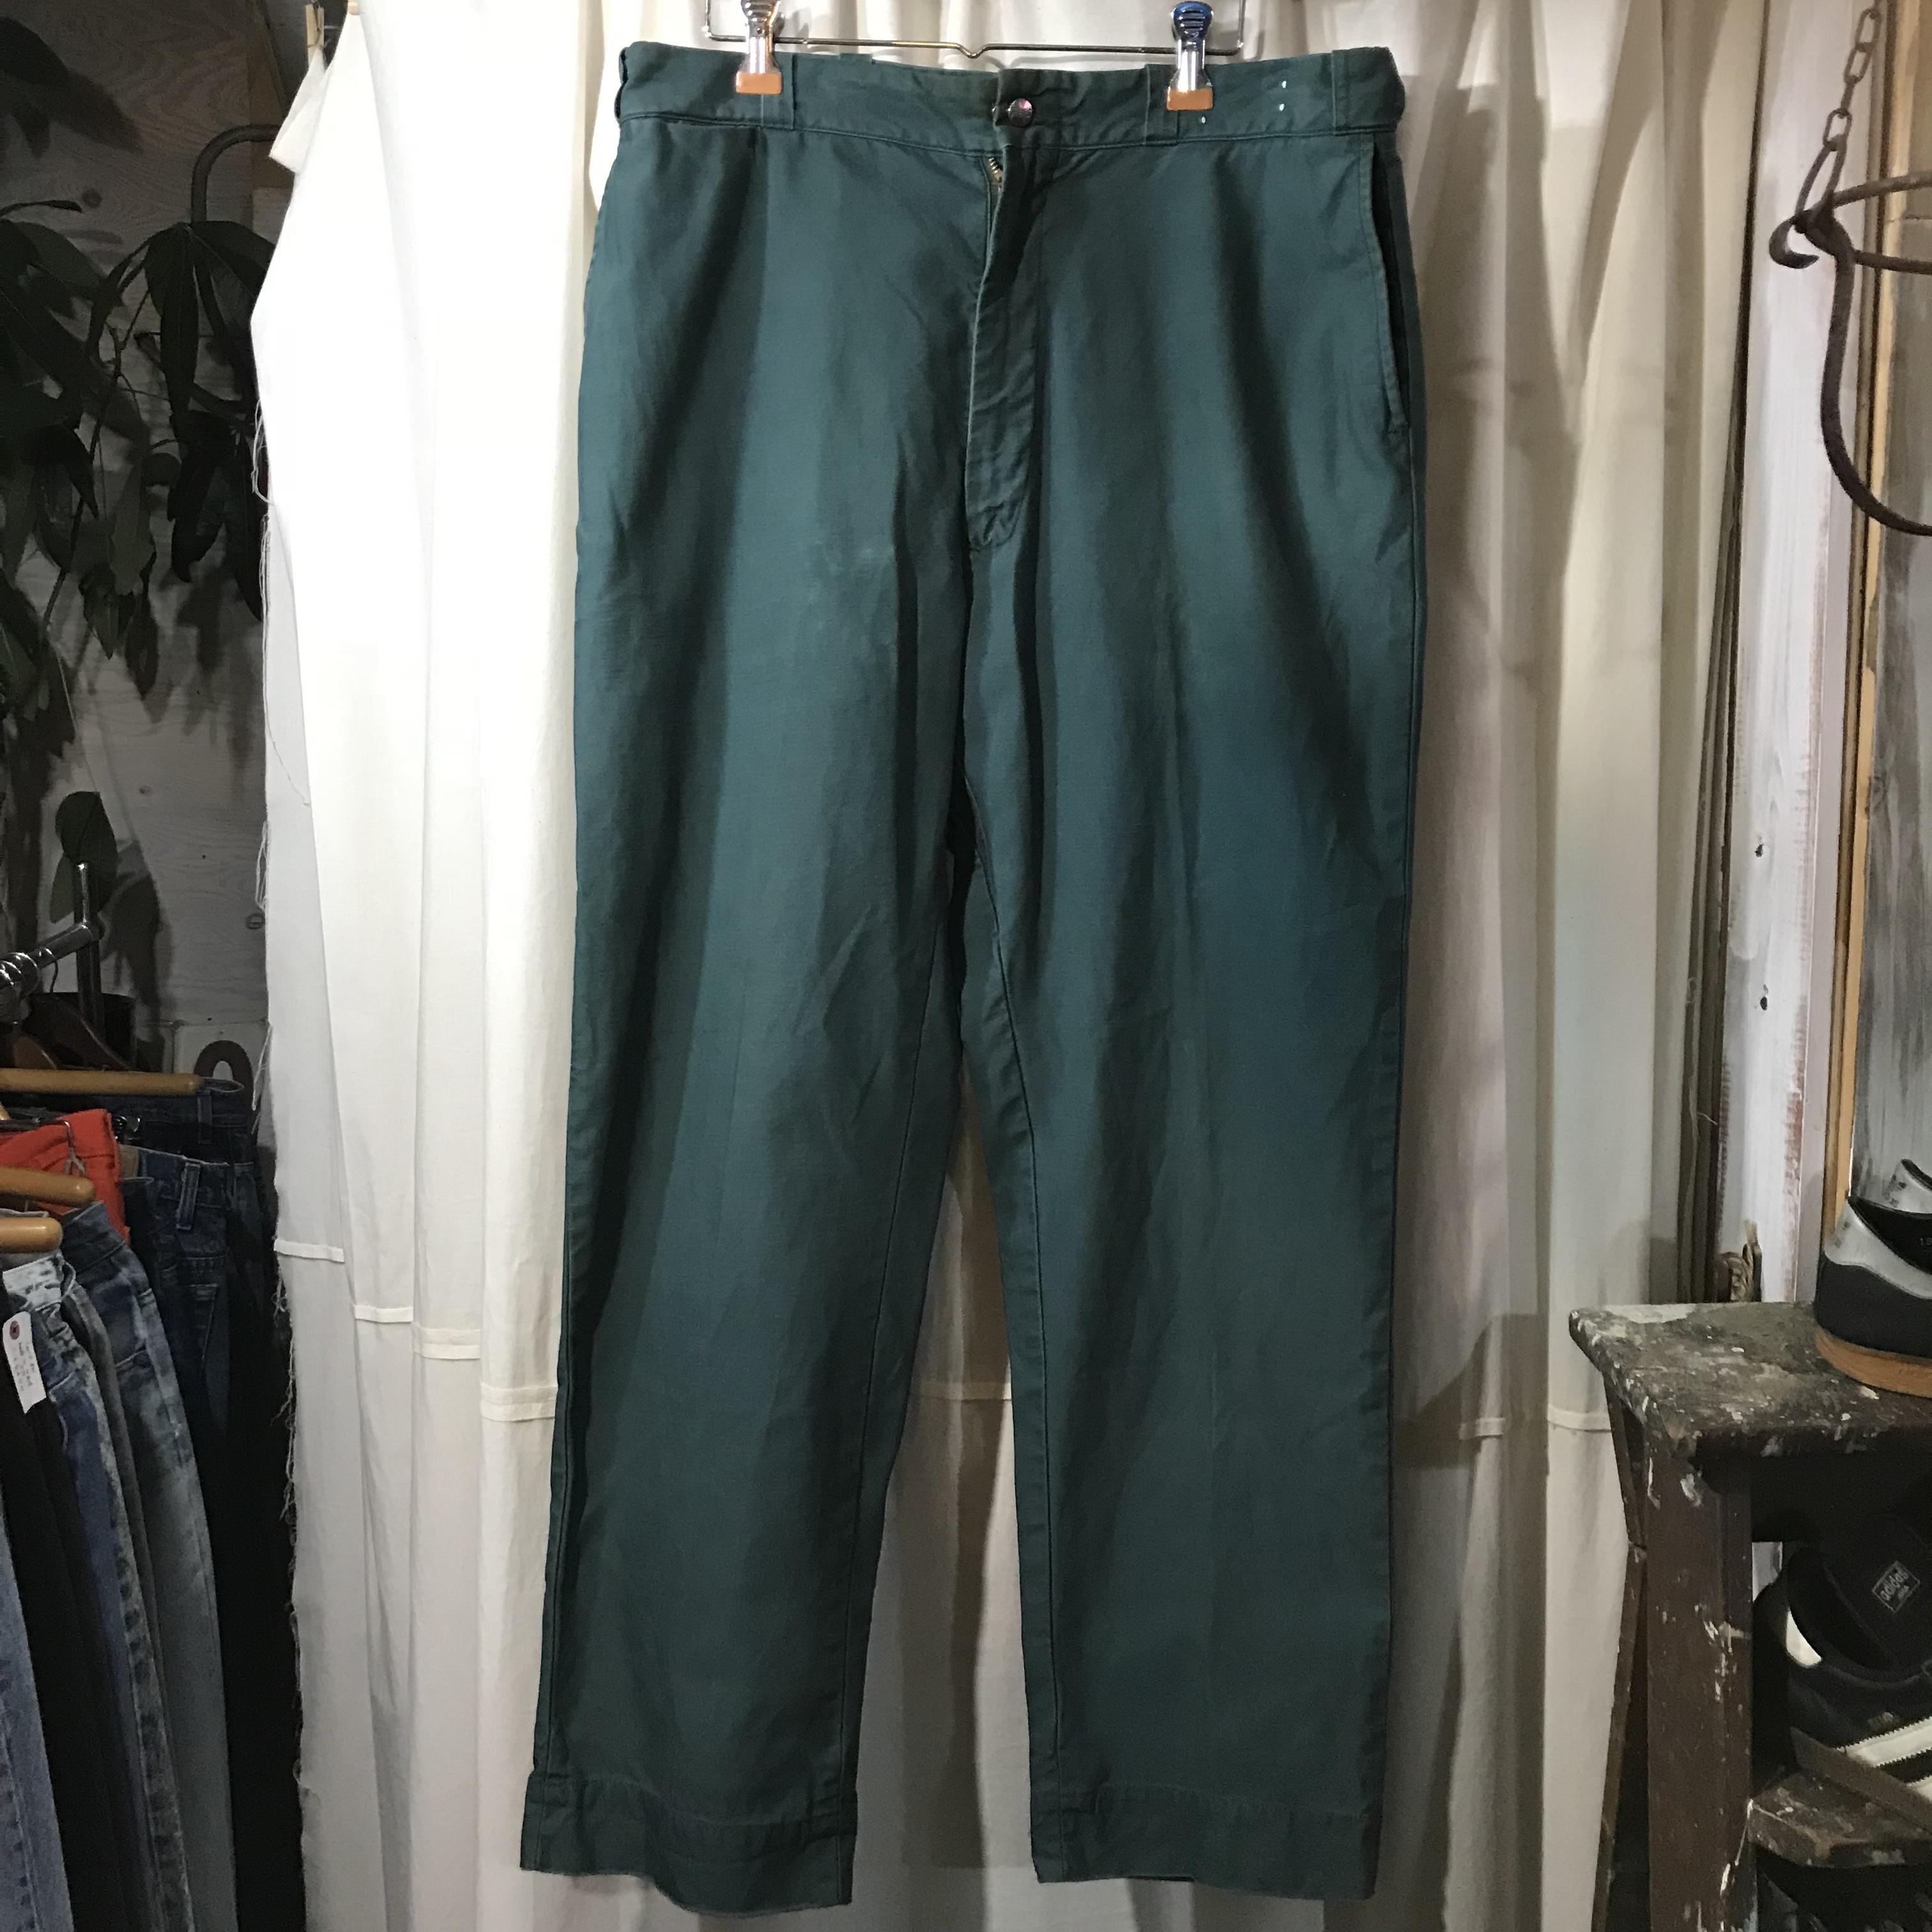 60's vintage Sears MOUNTAIN CLOTH シアーズマウンテンクロース ワークパンツ W36